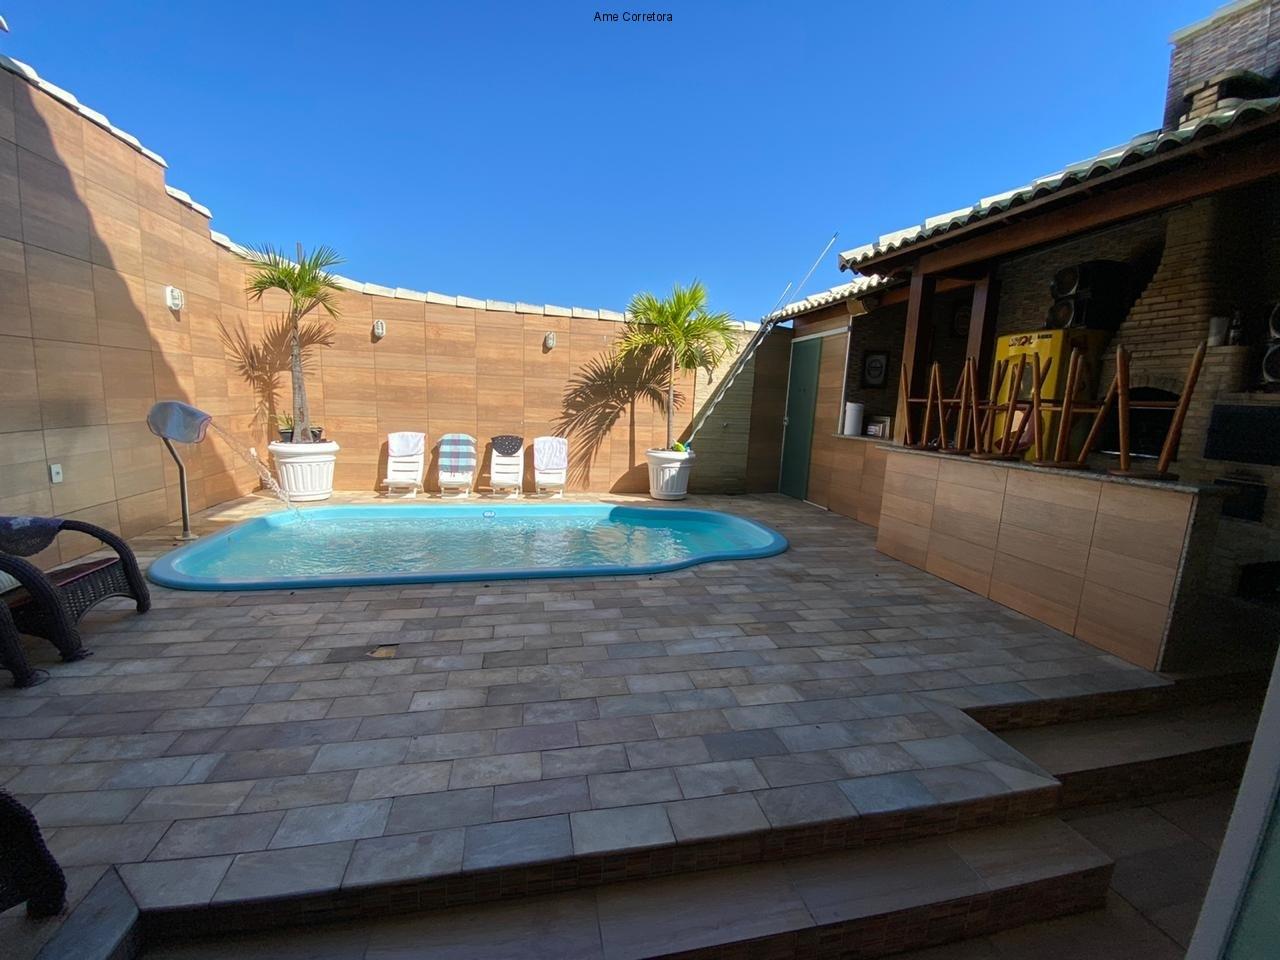 FOTO 03 - Casa 3 quartos à venda Rio de Janeiro,RJ - R$ 900.000 - CA00624 - 4